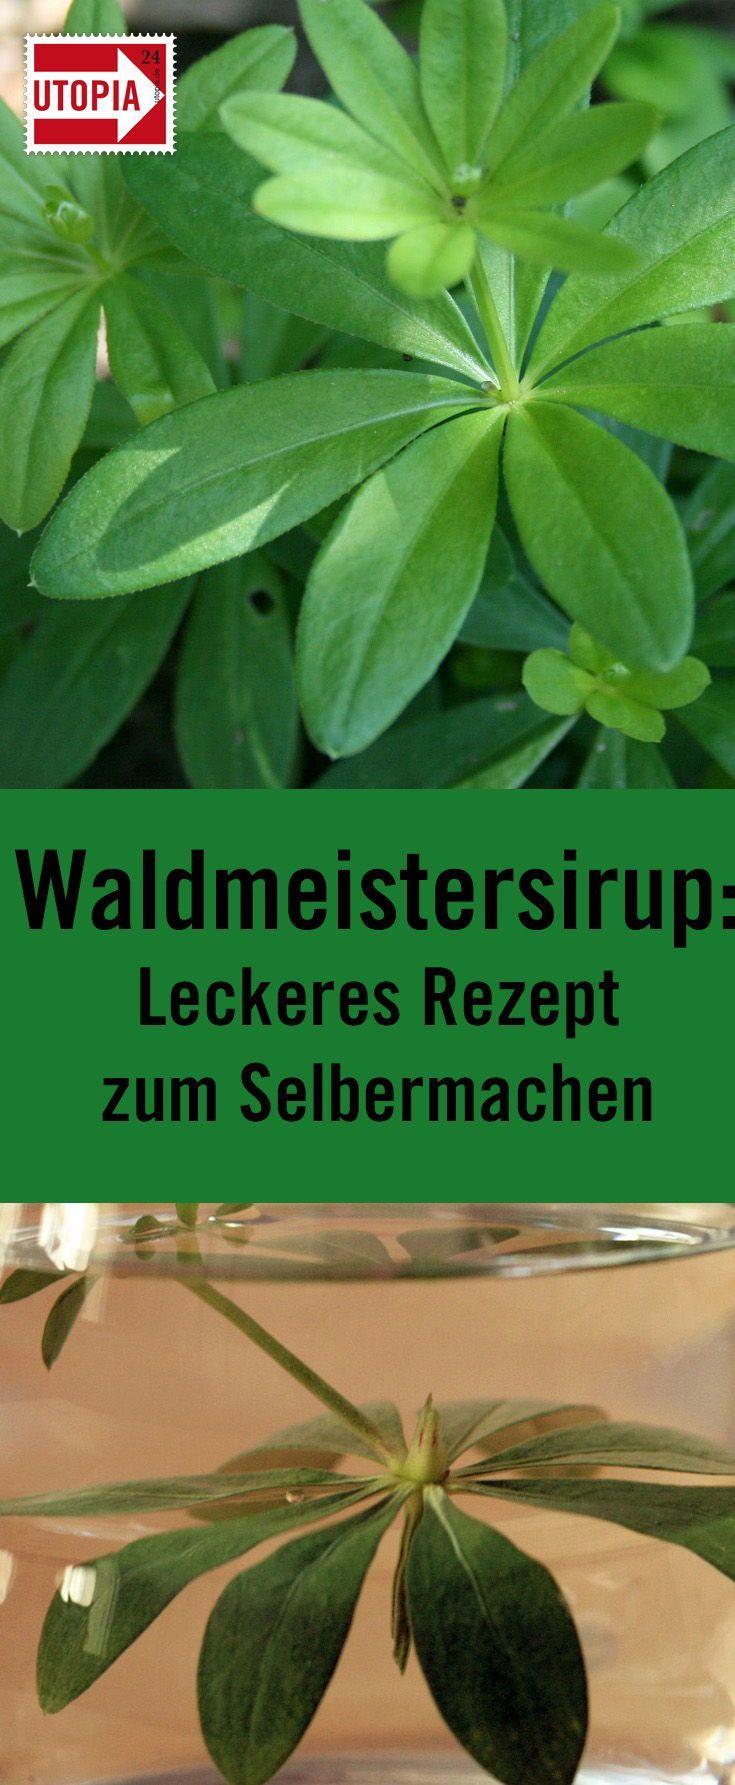 Waldmeistersirup: Leckeres Rezept zum Selbermachen #Äpfelverwerten